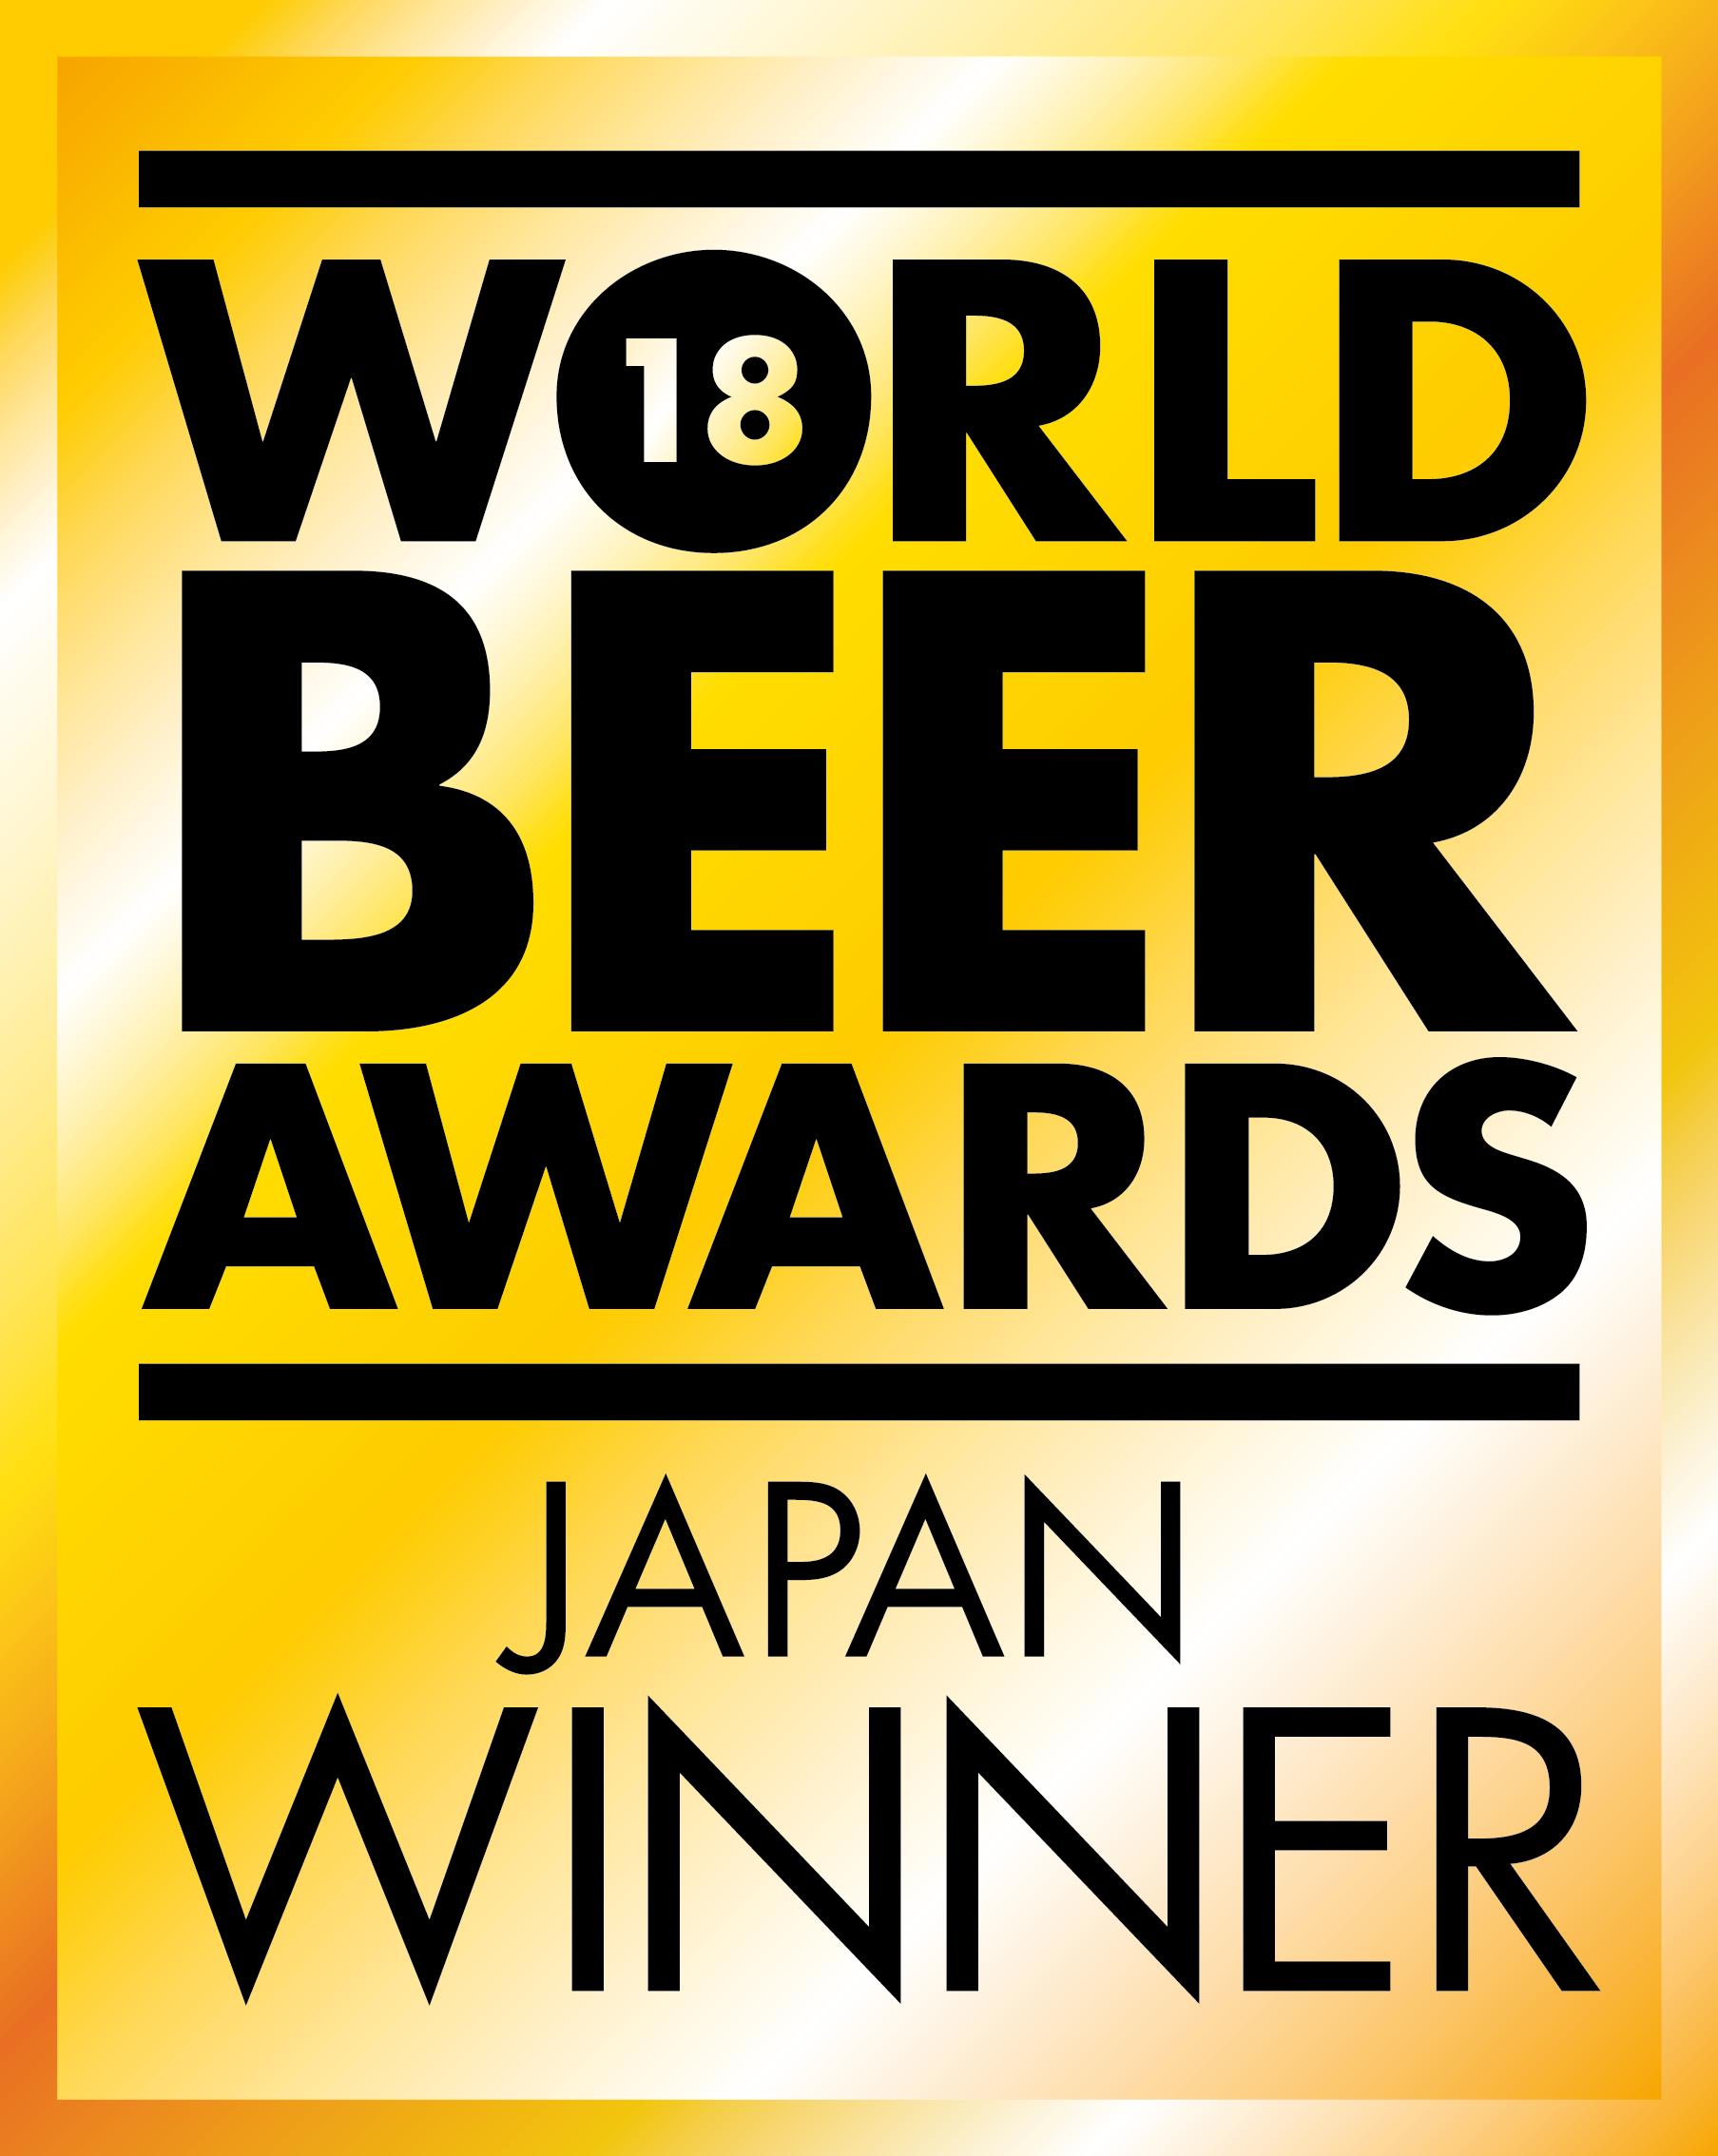 金賞受賞 地ビール <br>縁結びの黒ビール 縁結麦酒スタウト <br>松江地ビール「ビアへるん」350ml缶 <br>ご当地ビール クラフトビール 国産 お祝い